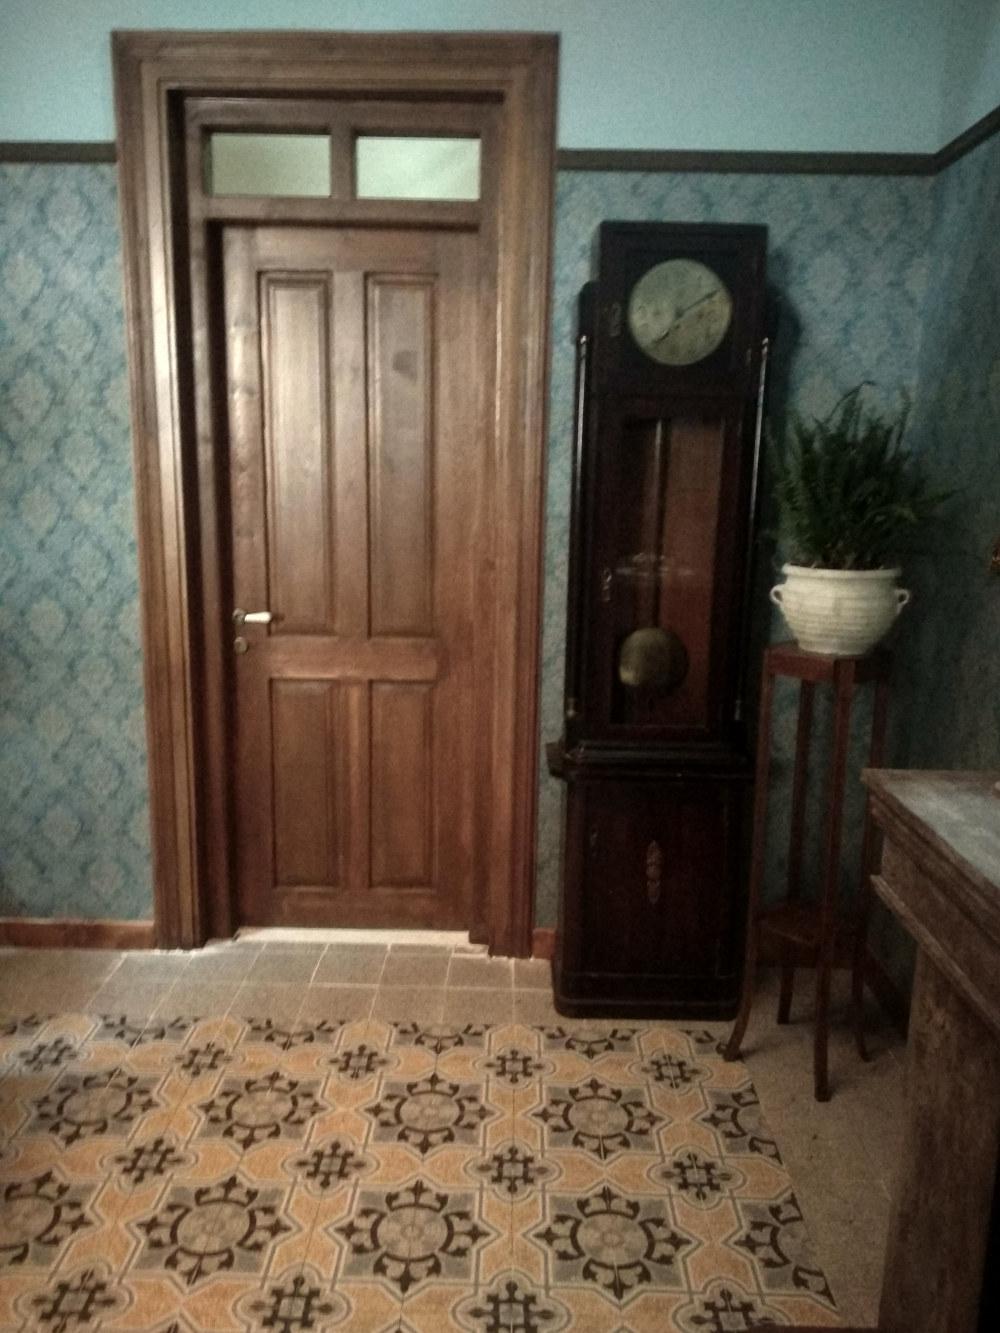 Ένα μεγάλο ξύλινο ρολόι στέκει στην άκρη της πόρτας στο γραφείο του Δούκα Σεβαστού